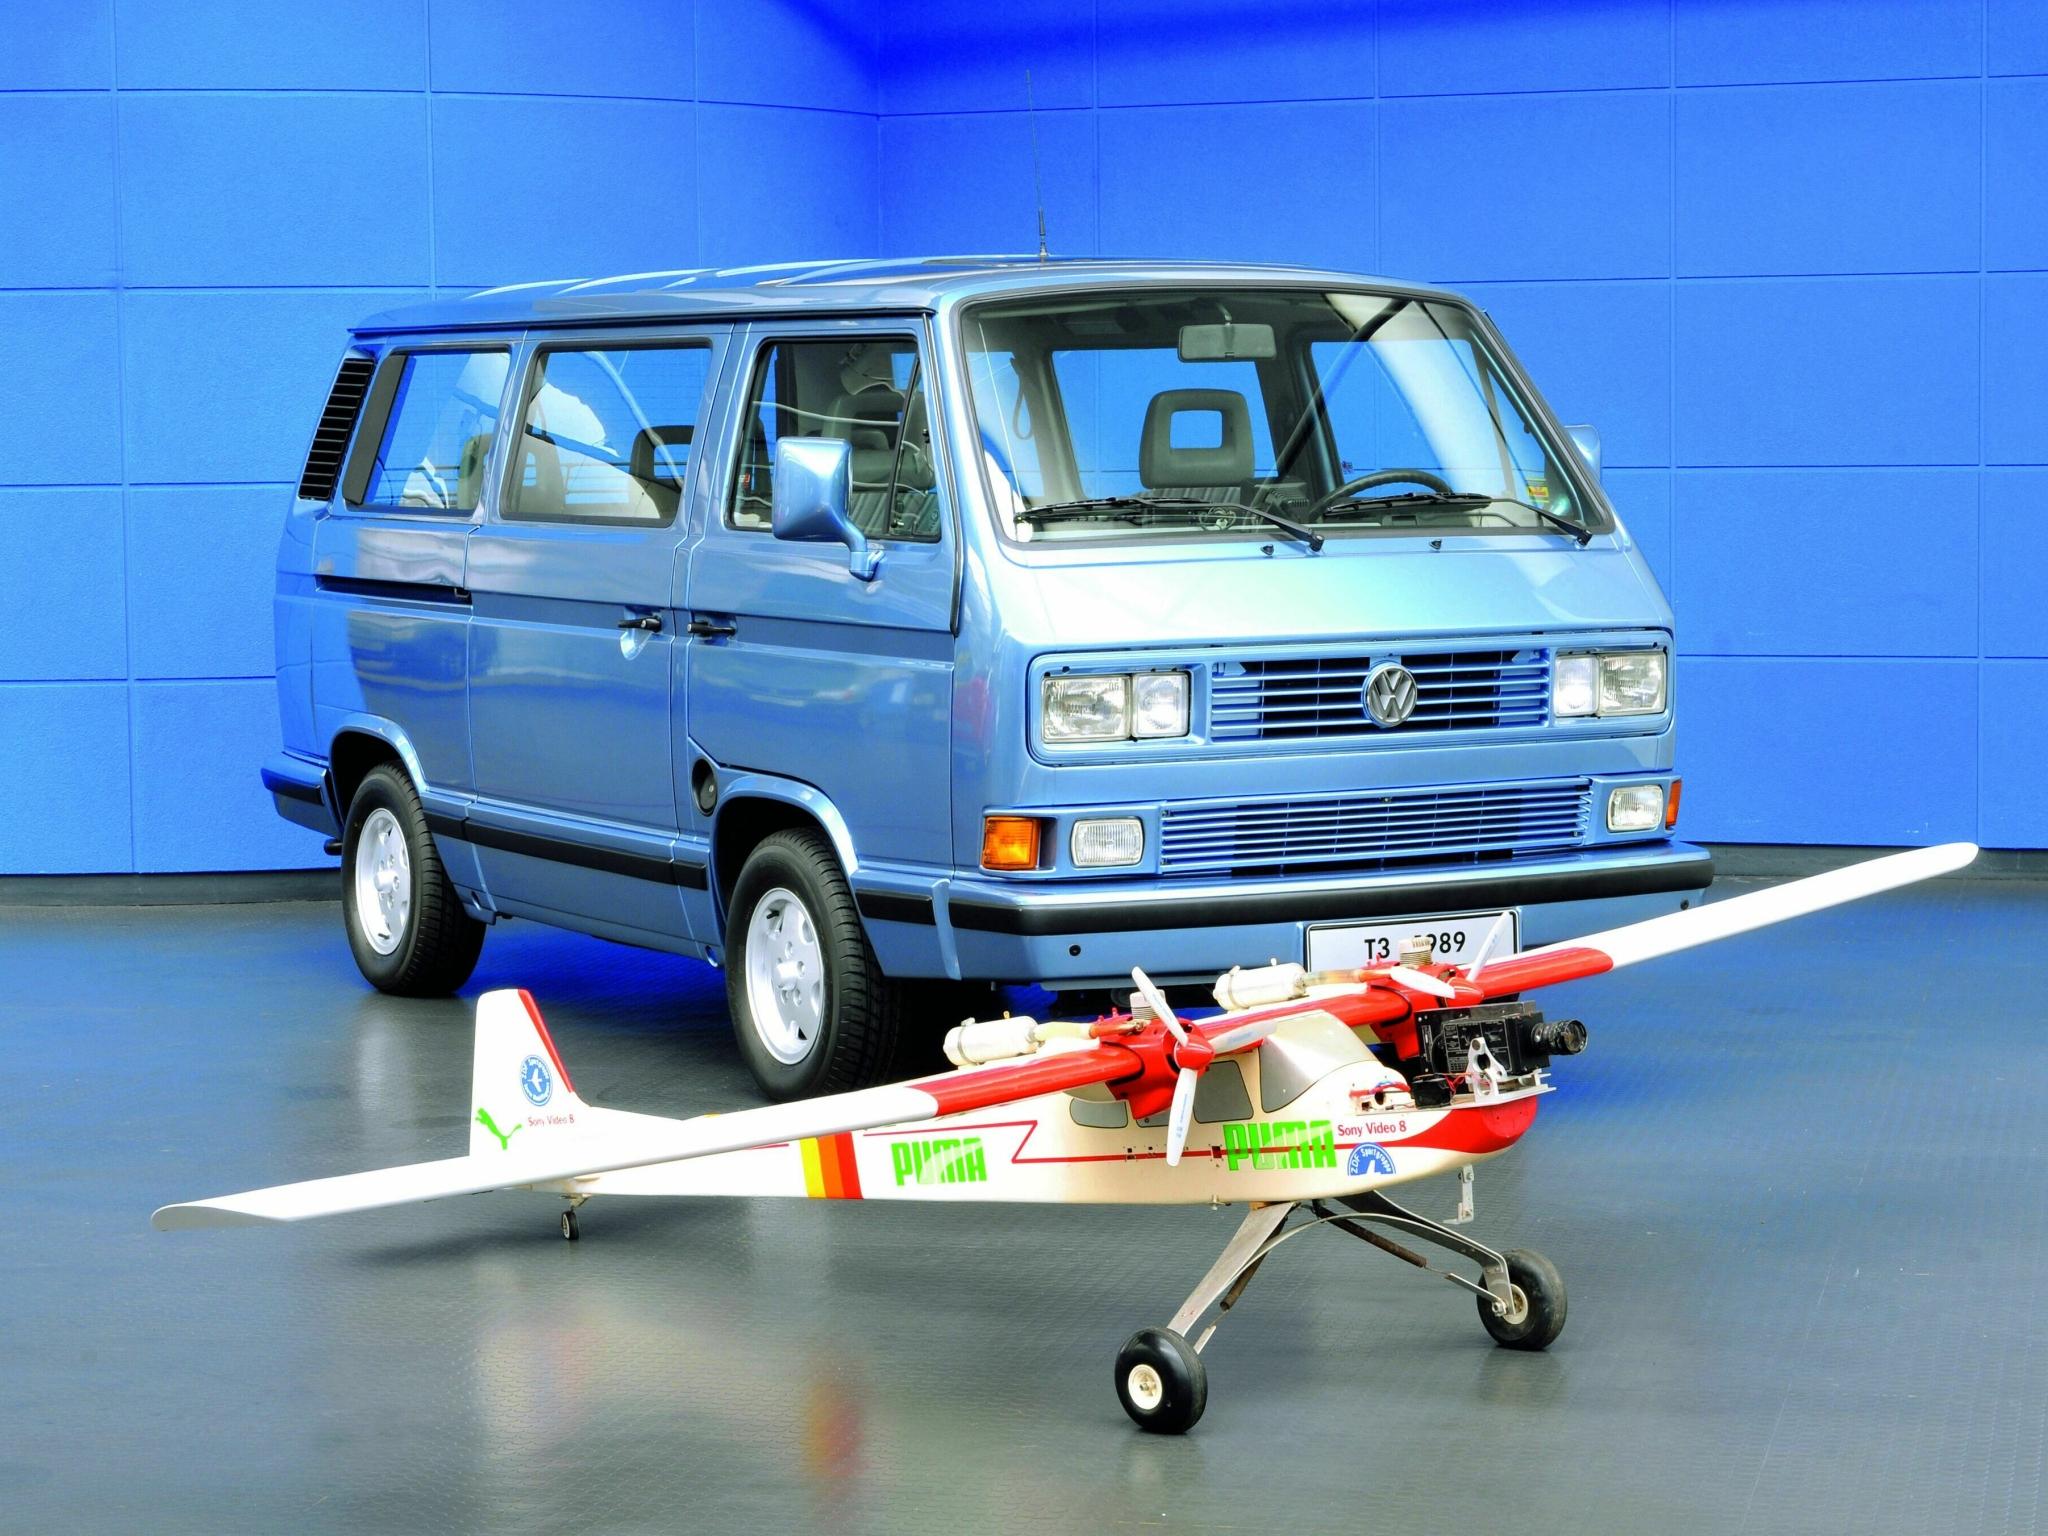 Роскошный минивэн Volkswagen T3 Caravelle. 1979 - 1992 годы